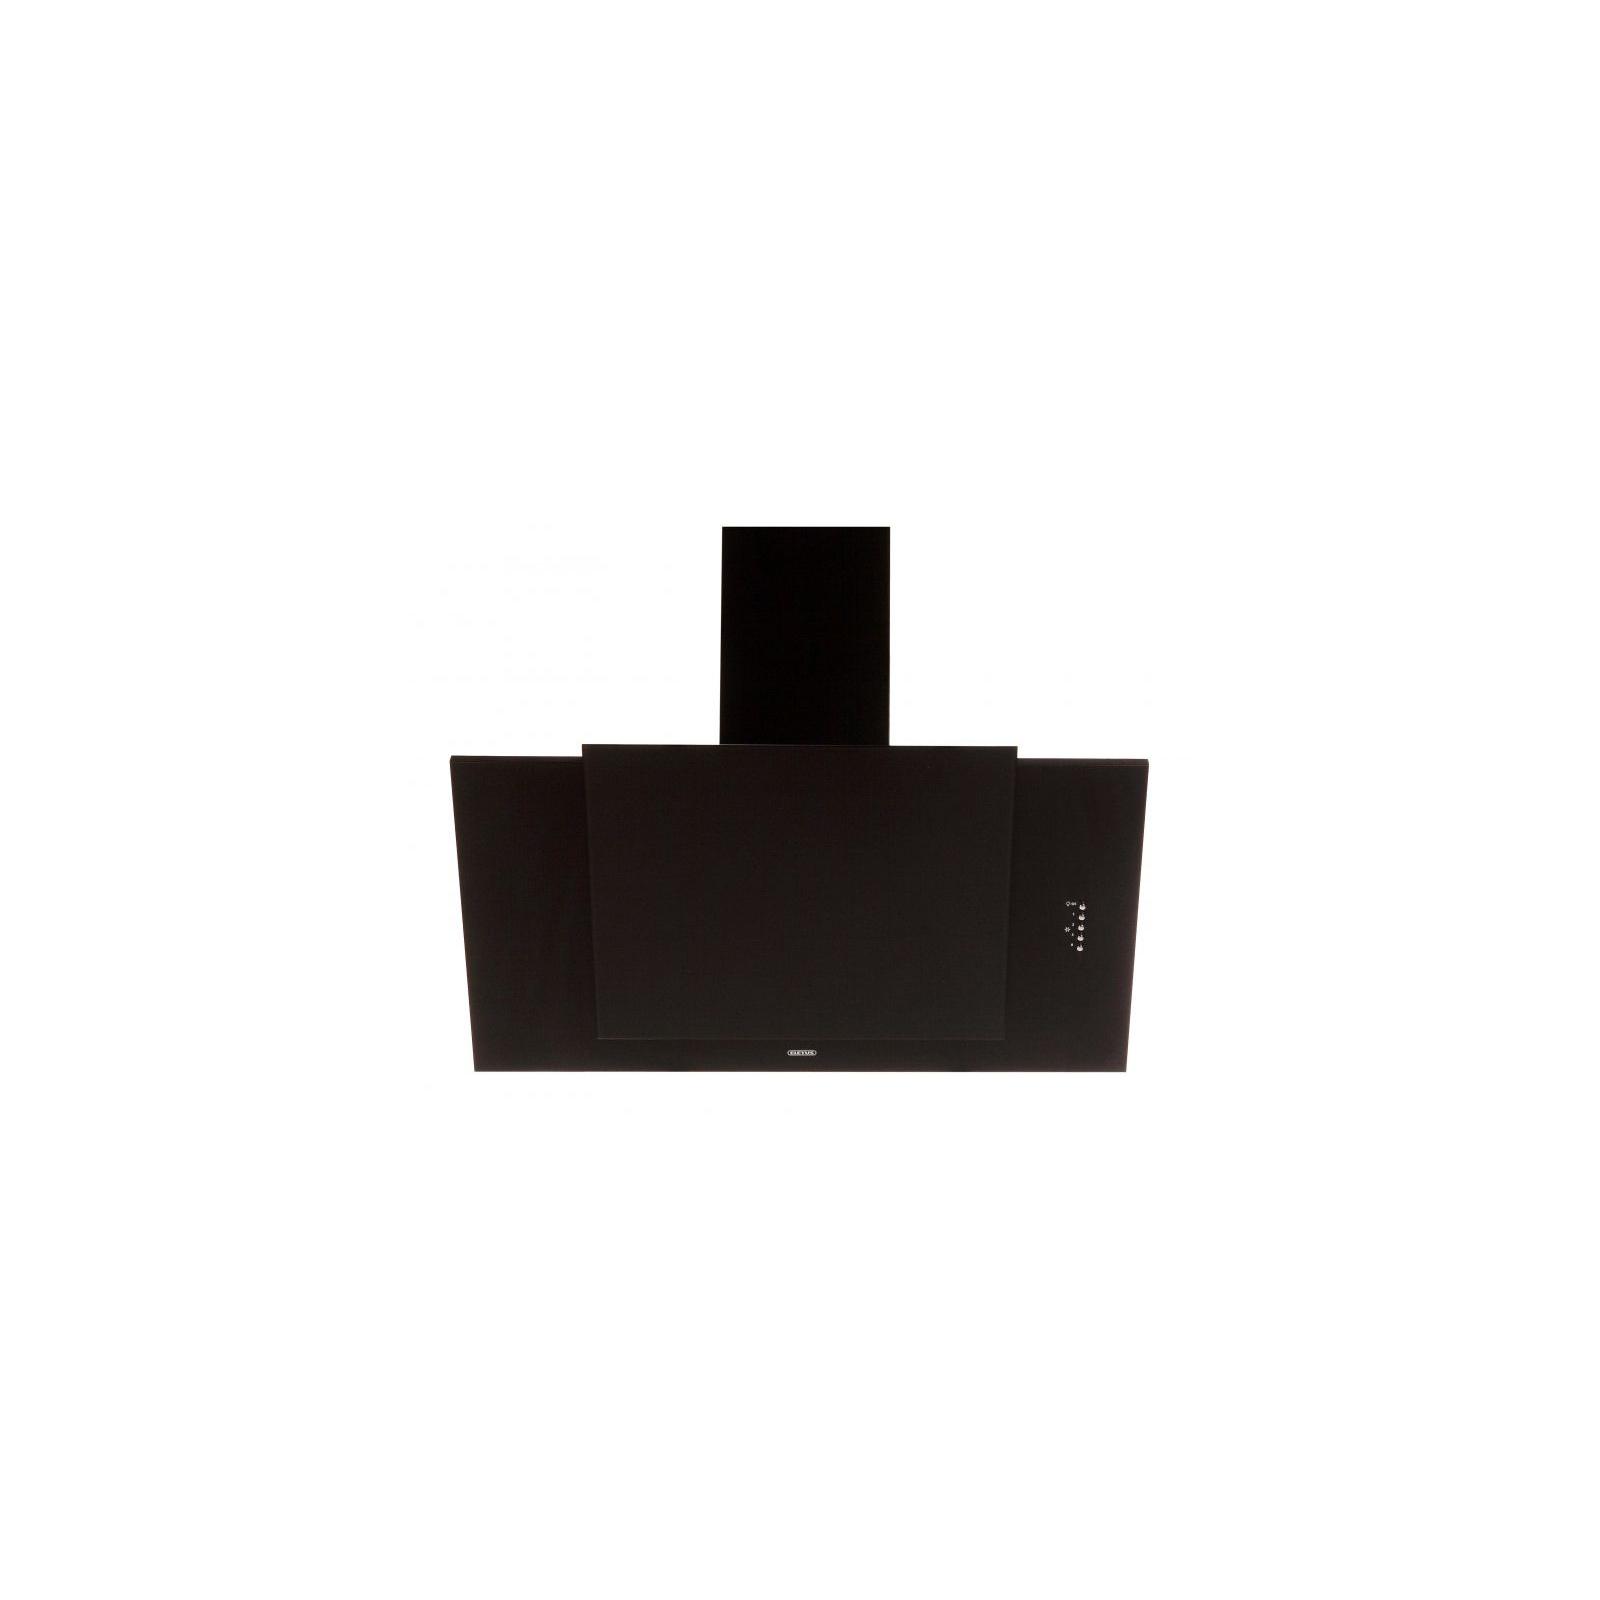 Вытяжка кухонная ELEYUS Titan А 1000 90 BL изображение 2